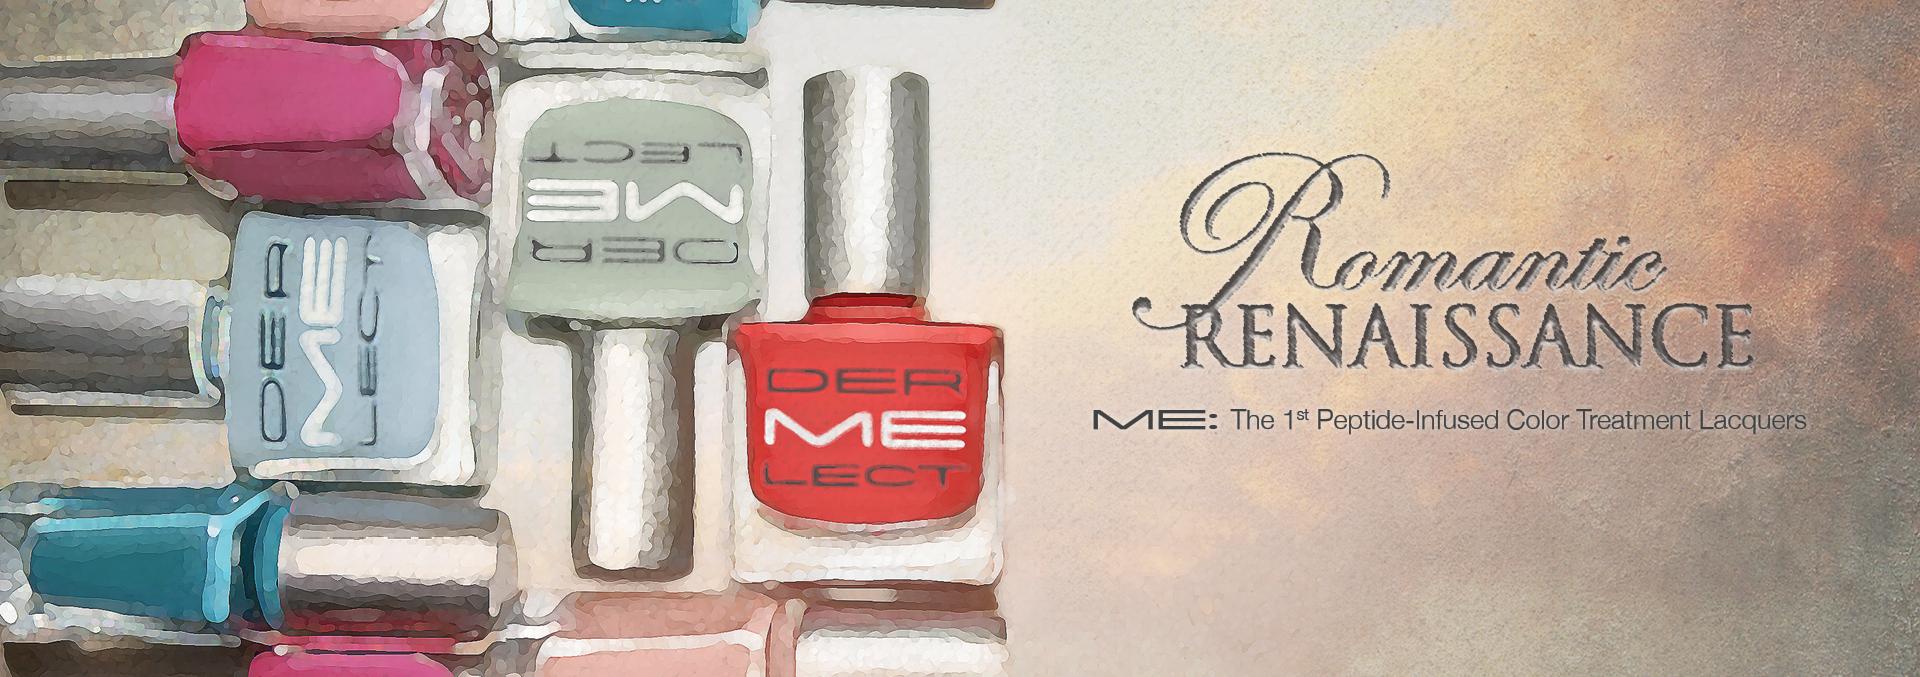 Dermelect - Romantic Renaissance Collection - Dermelect Cosmeceuticals